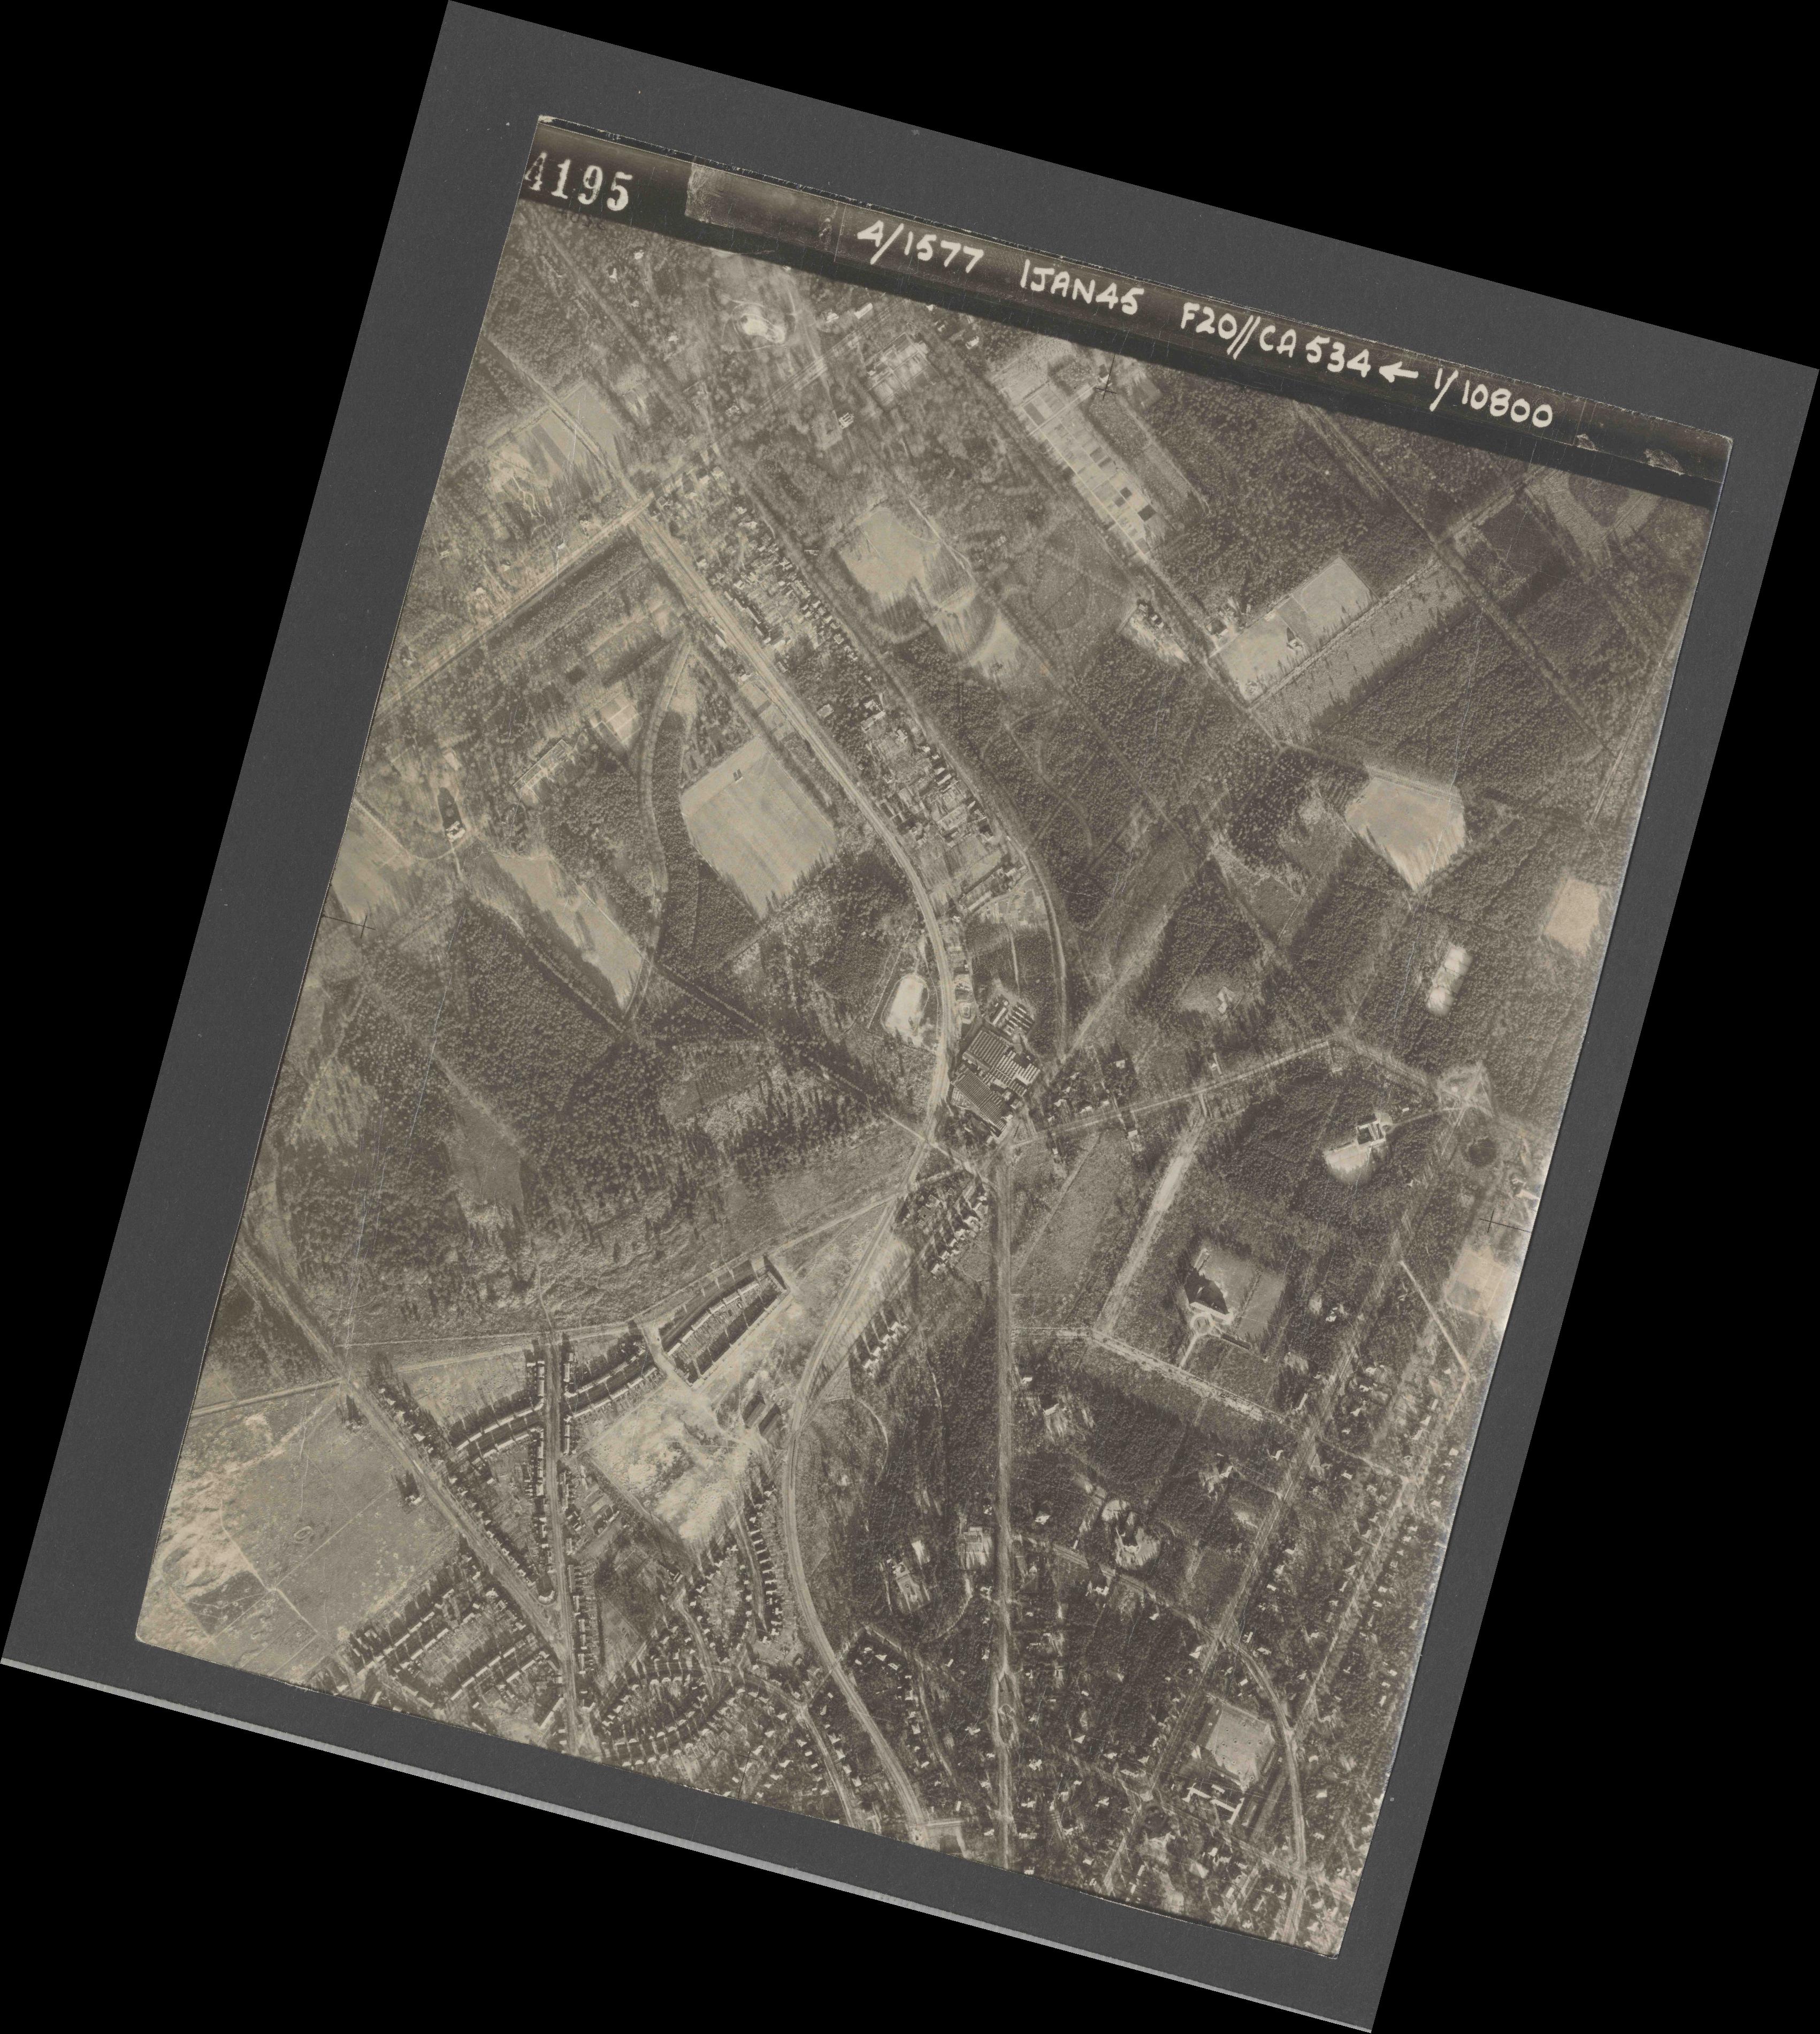 Collection RAF aerial photos 1940-1945 - flight 105, run 01, photo 4195